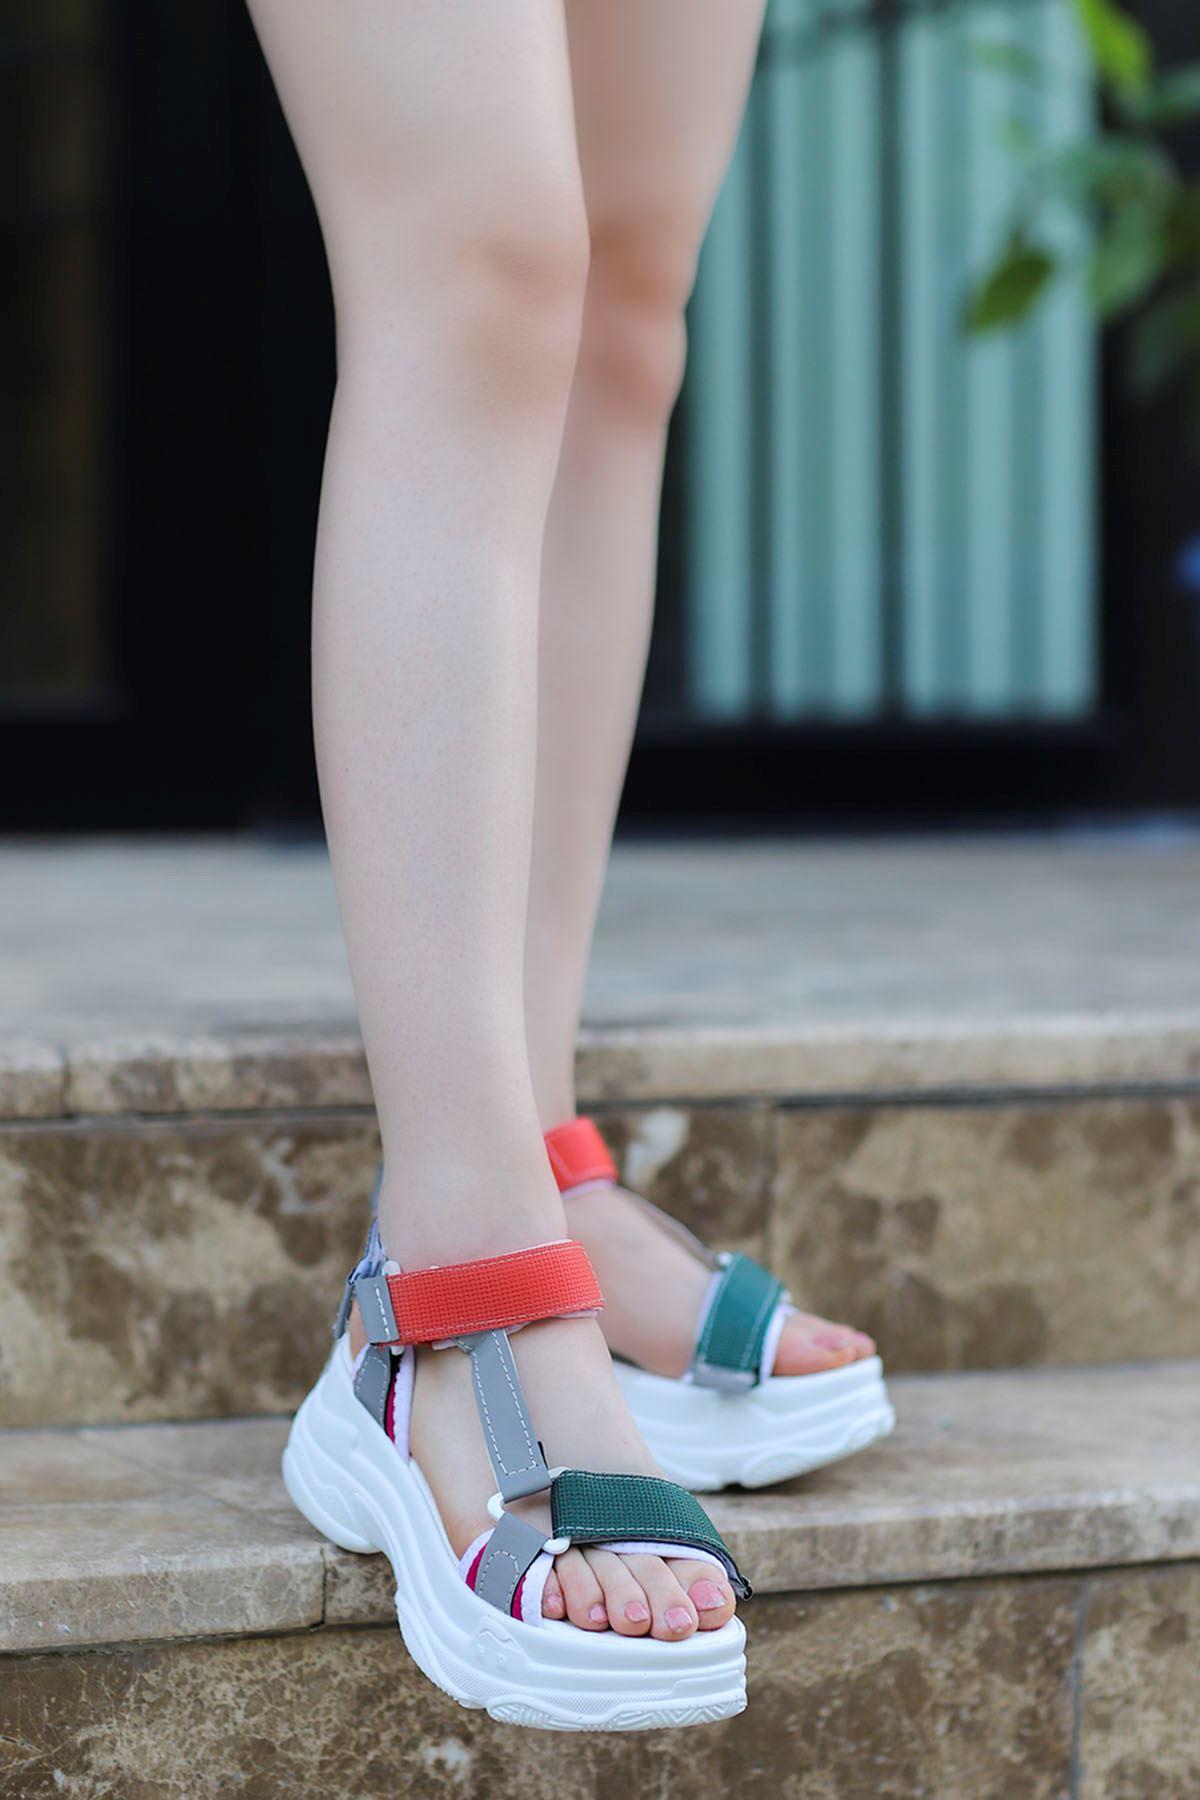 Rafael Dolgu Taban Sandalet Beyaz Yeşil Turuncu